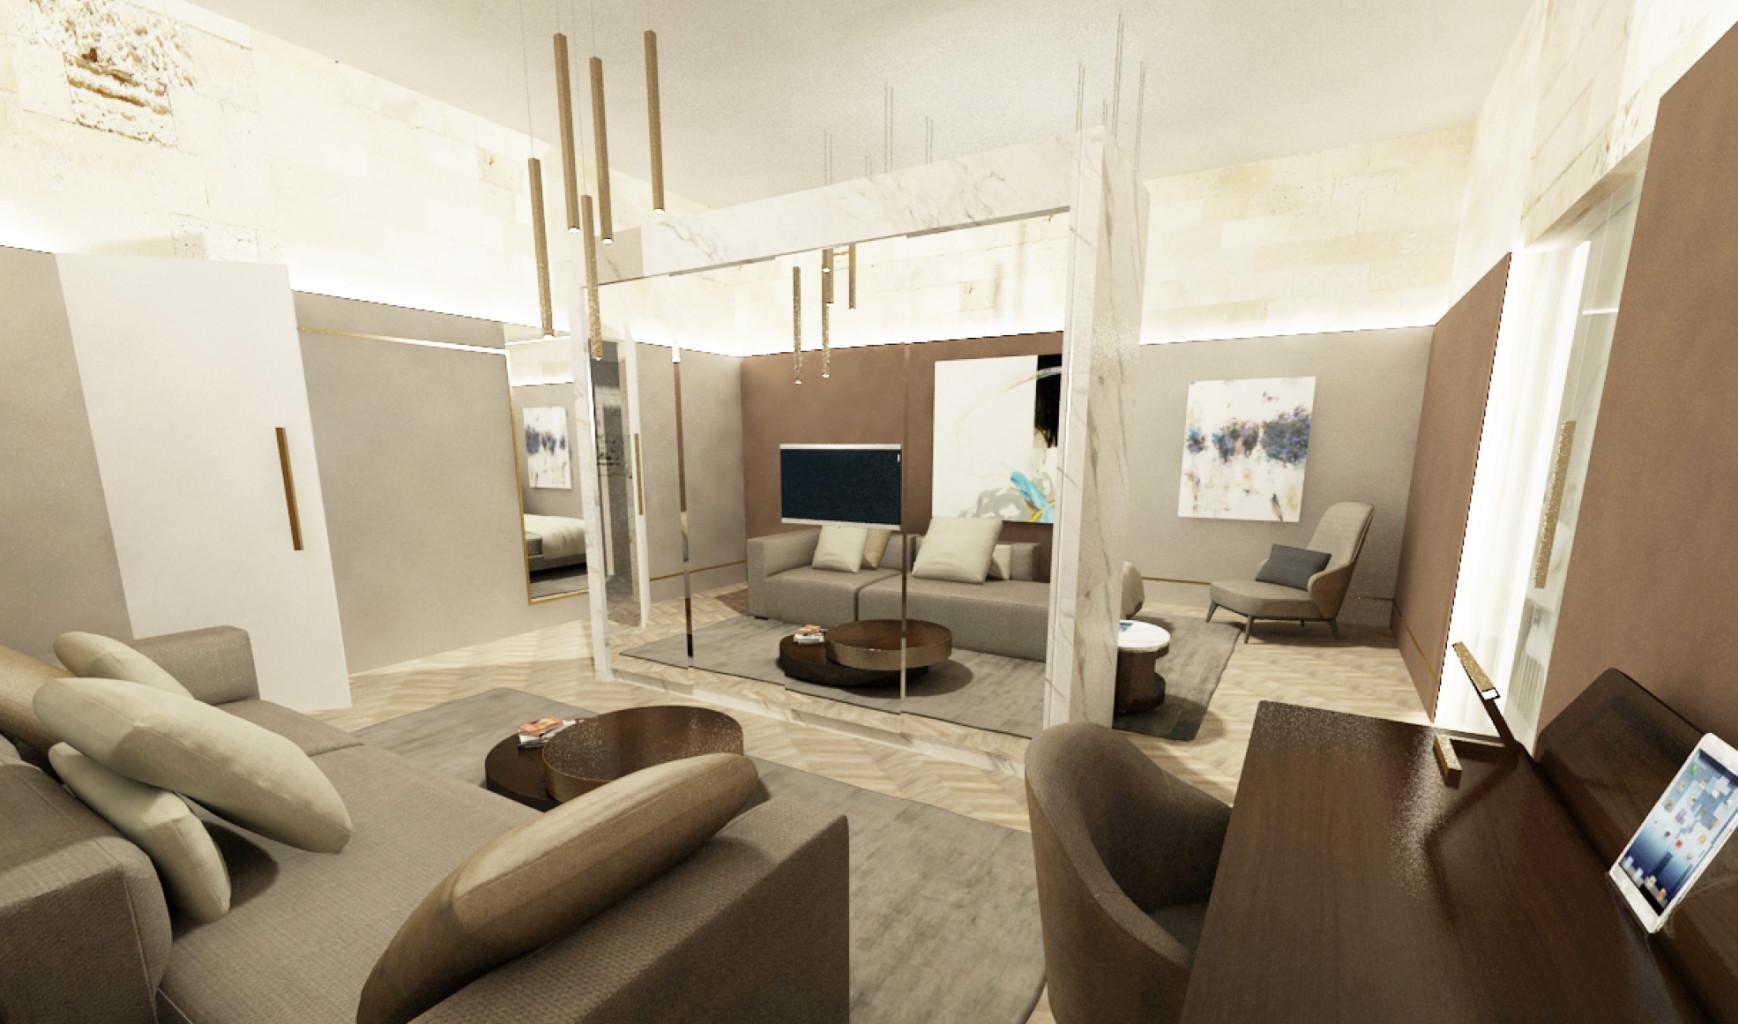 Macina final renders room 2